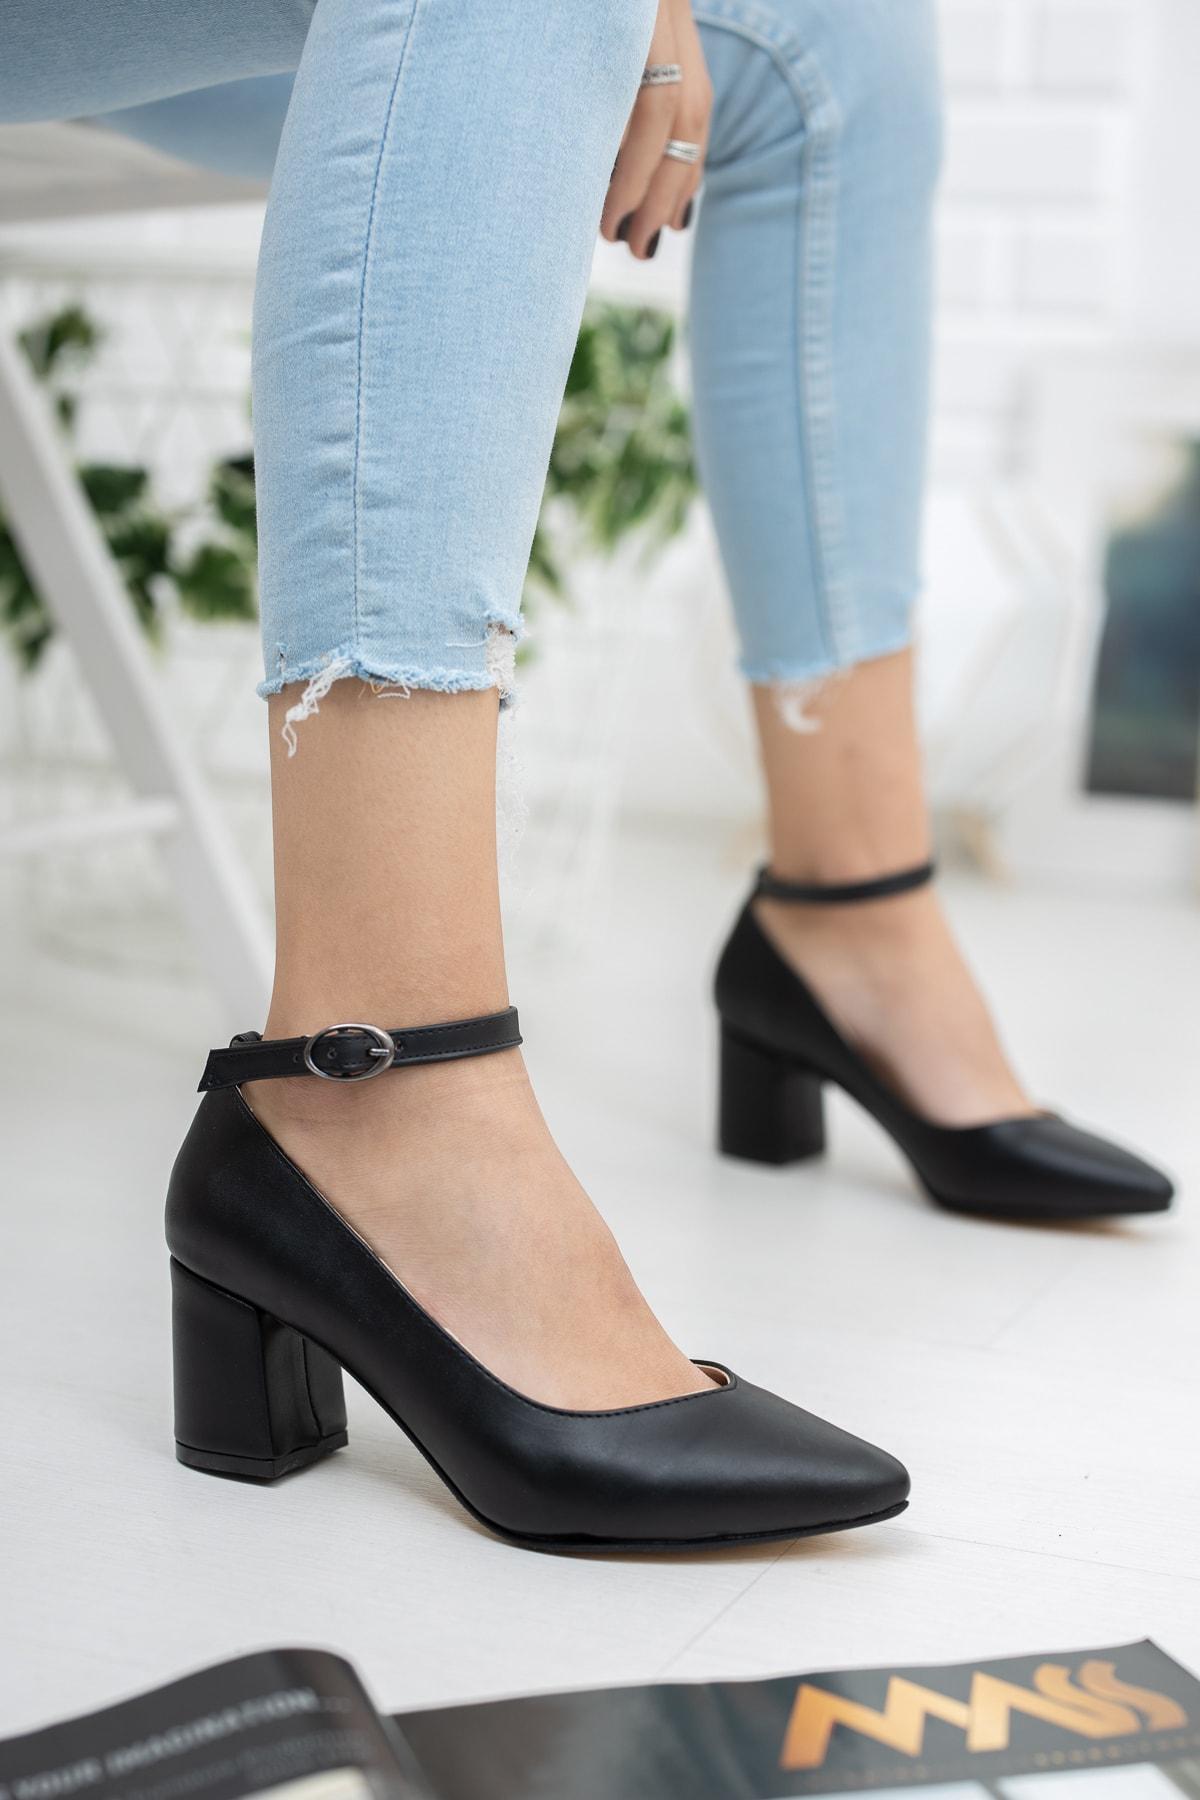 RANA SHOES Siyah Cilt Deri Bilekten Bağlı Kalın Topuklu Kadın Ayakkabı